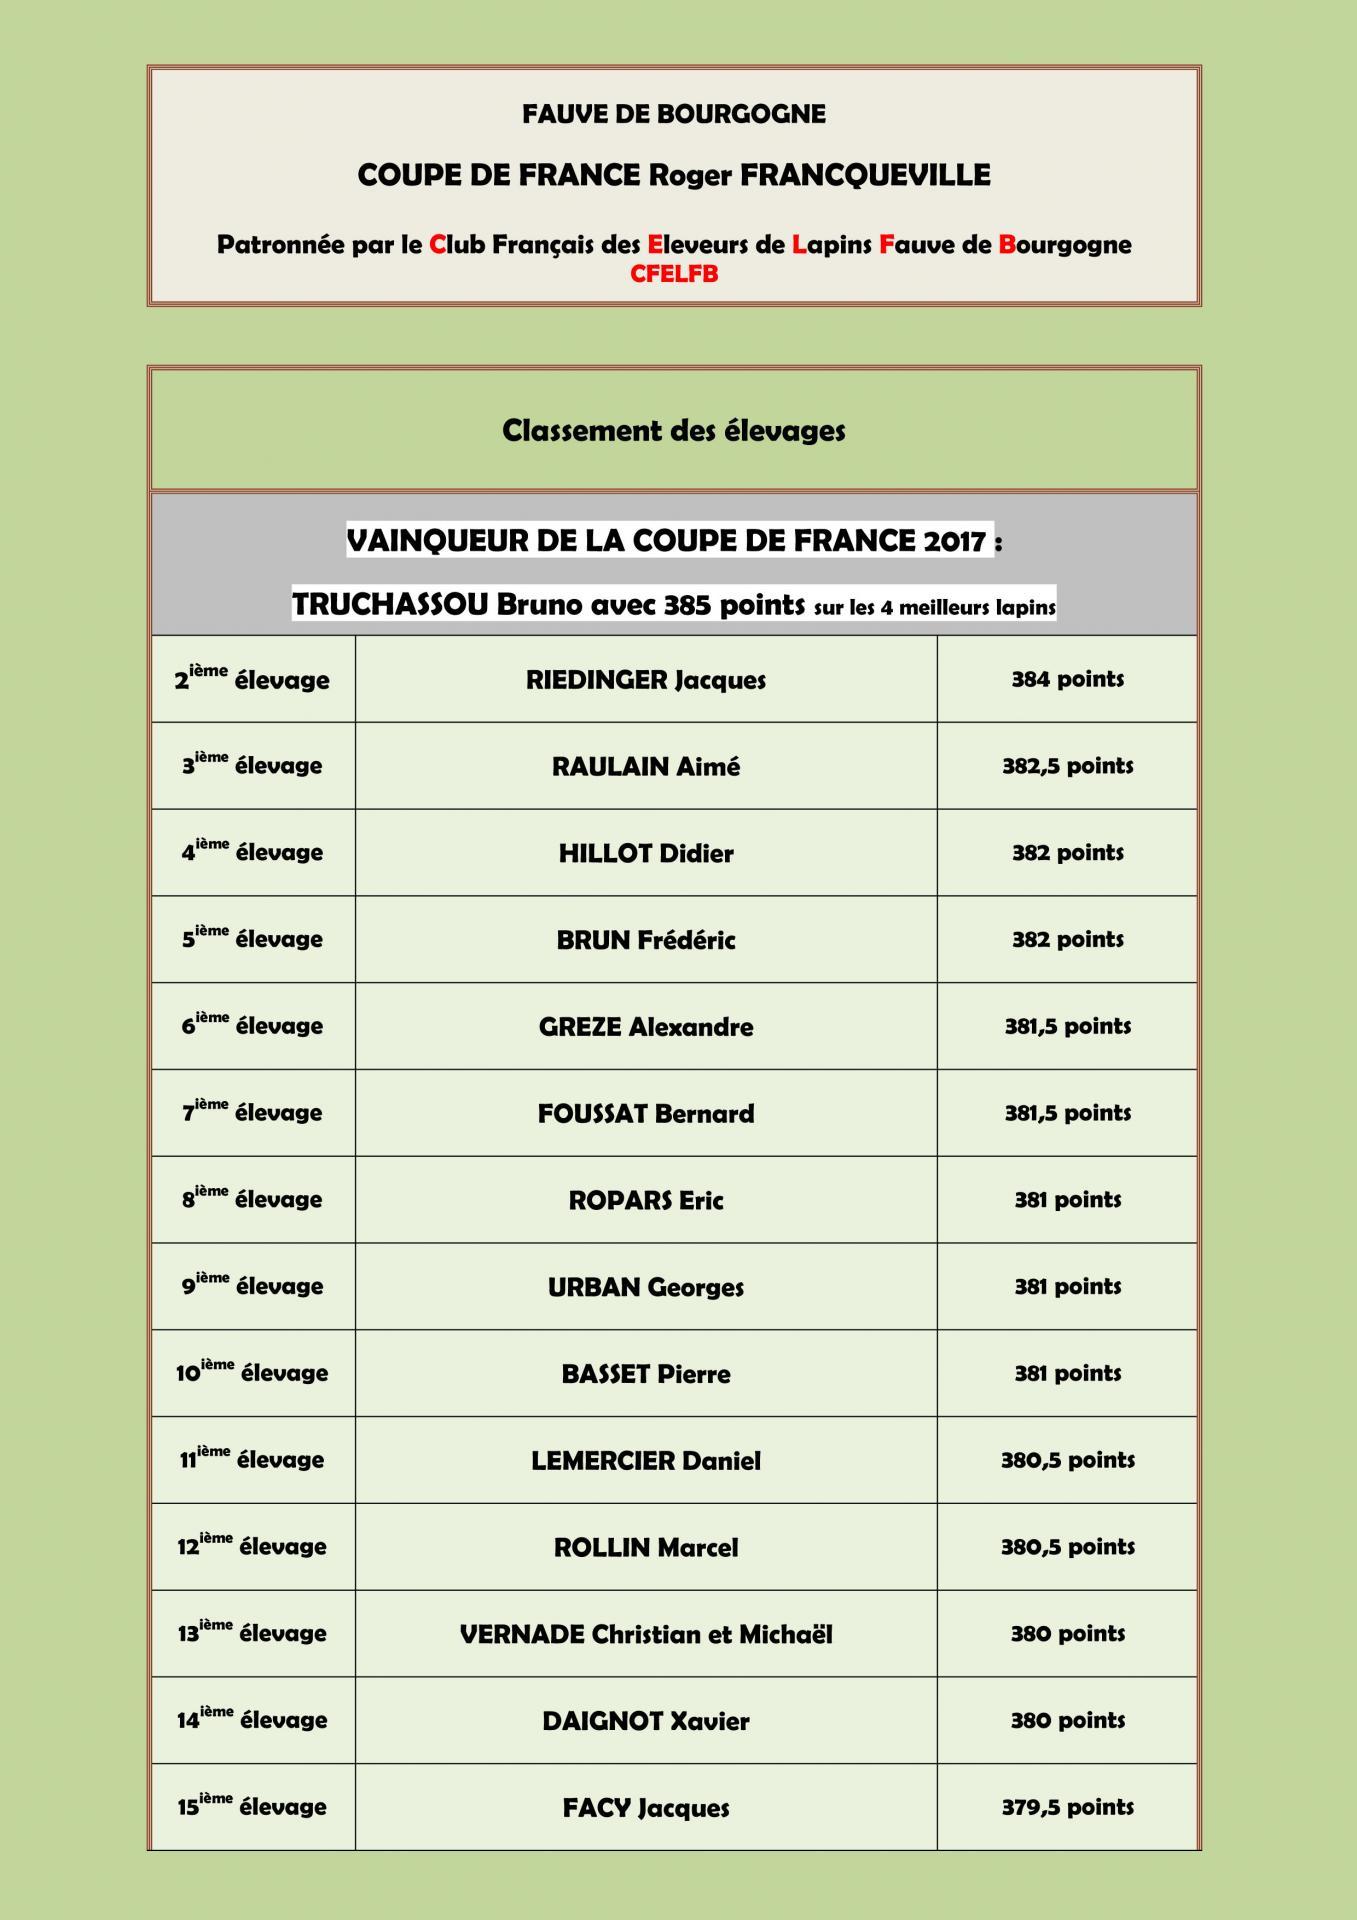 Classement elevages coupe de france 2017 1